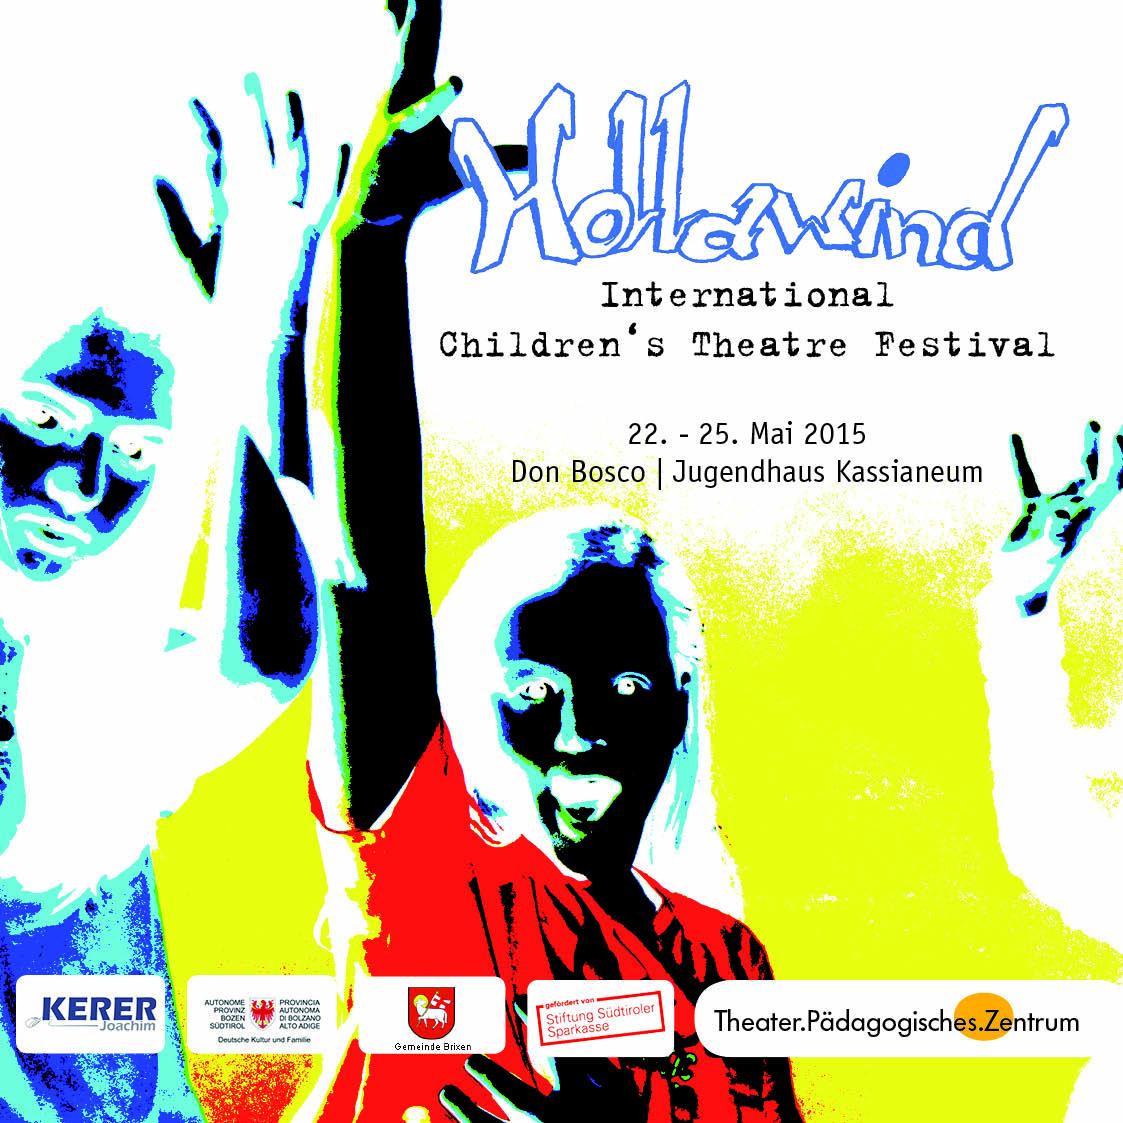 2015 Hollawind Plakat.jpg